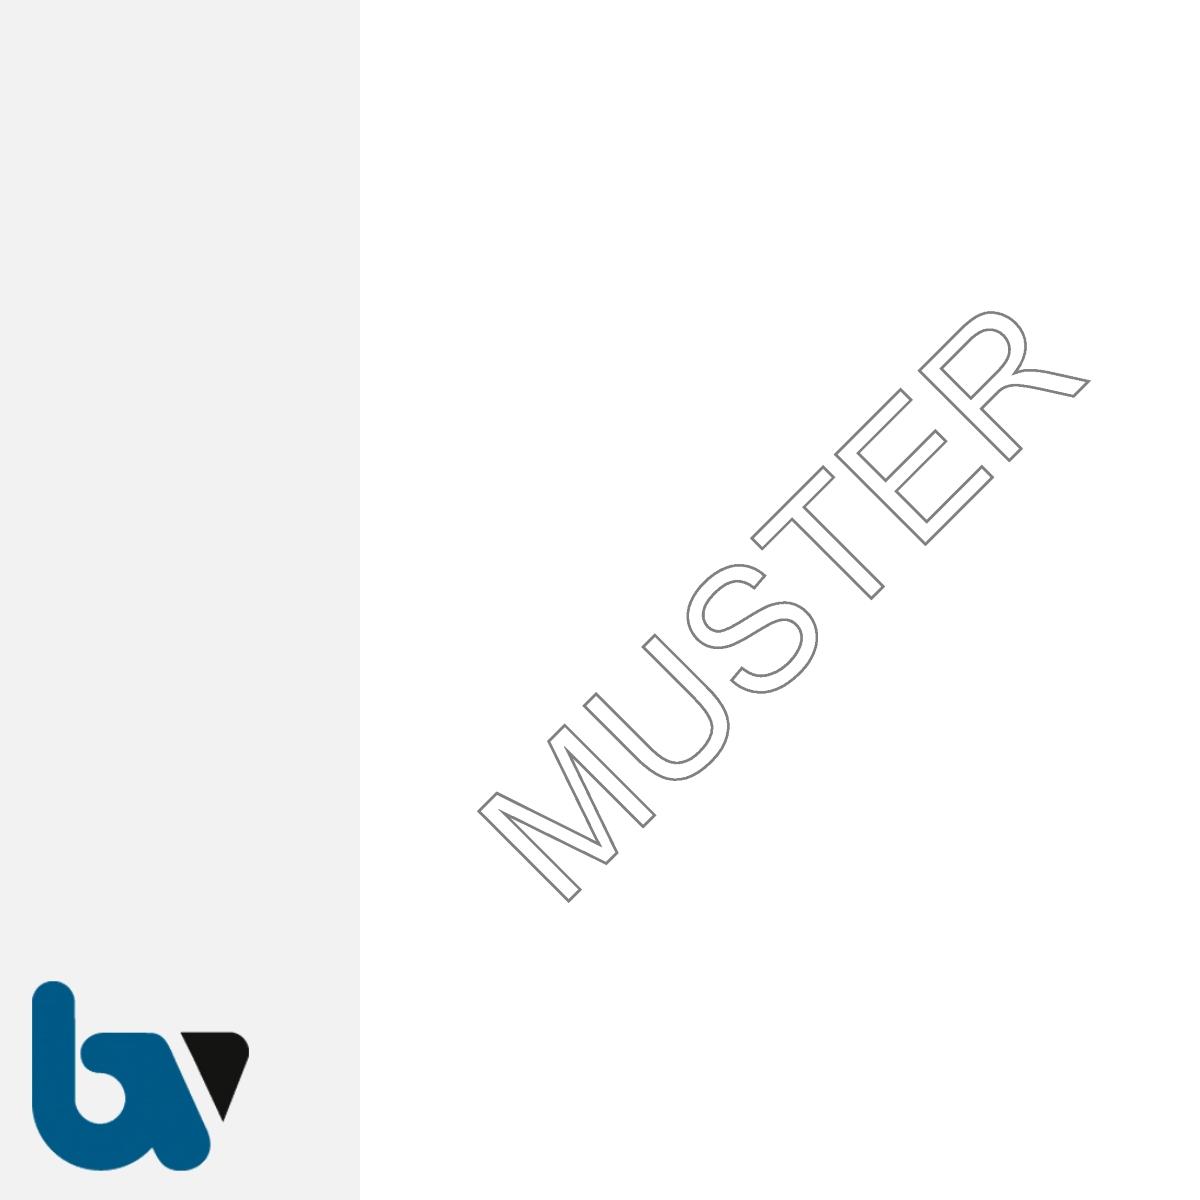 0/168-6u Urkundenpapier Standesamt Personenstand Urkunde Register Dokument ungelocht blanko 100gr Stammbuch DIN A4 | Borgard Verlag GmbH